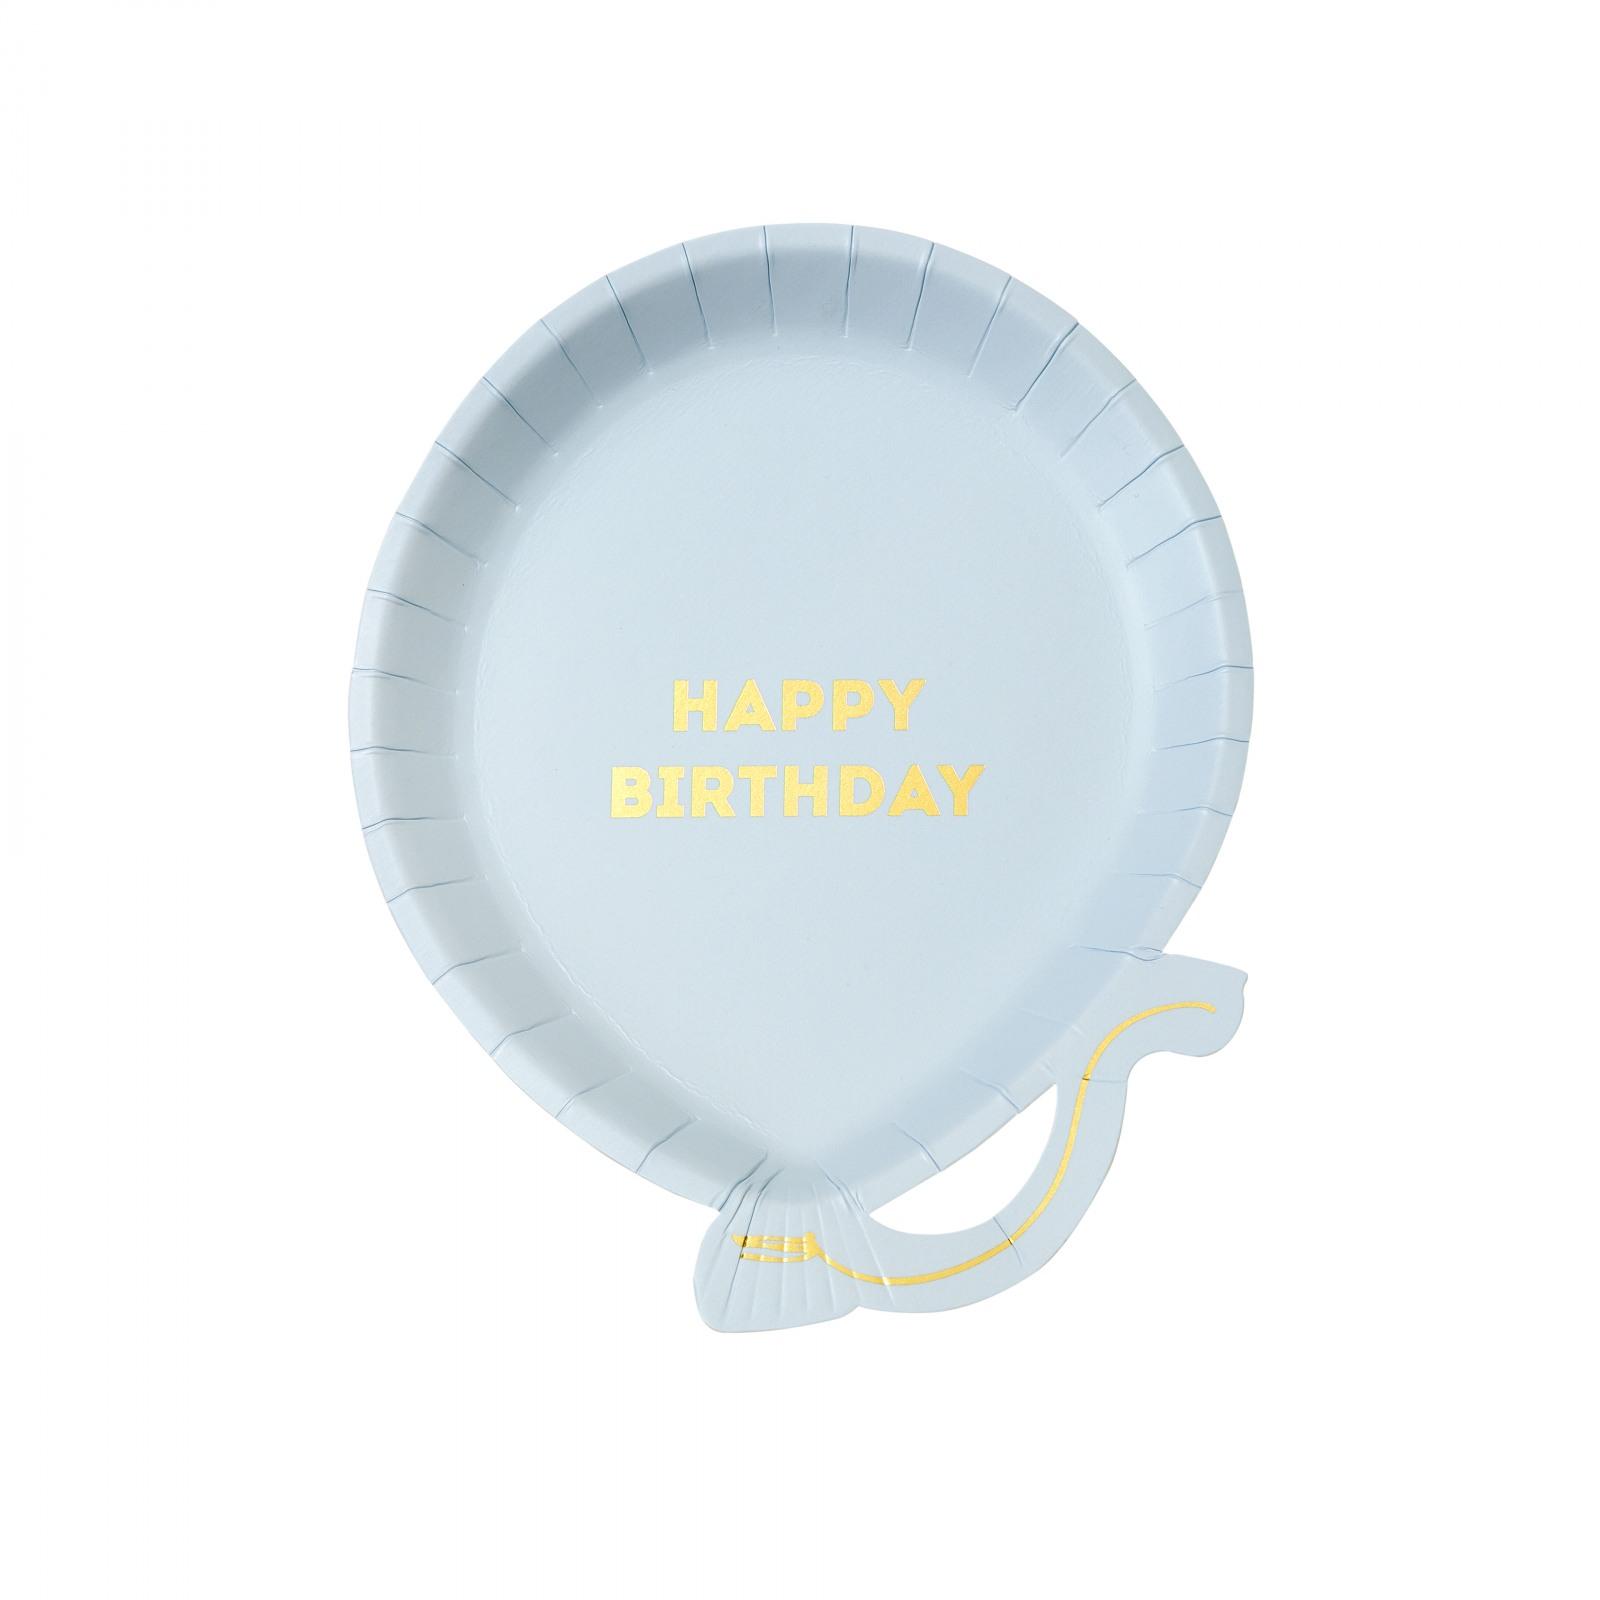 Happy Birthday Balloon Shaped Plates 10599